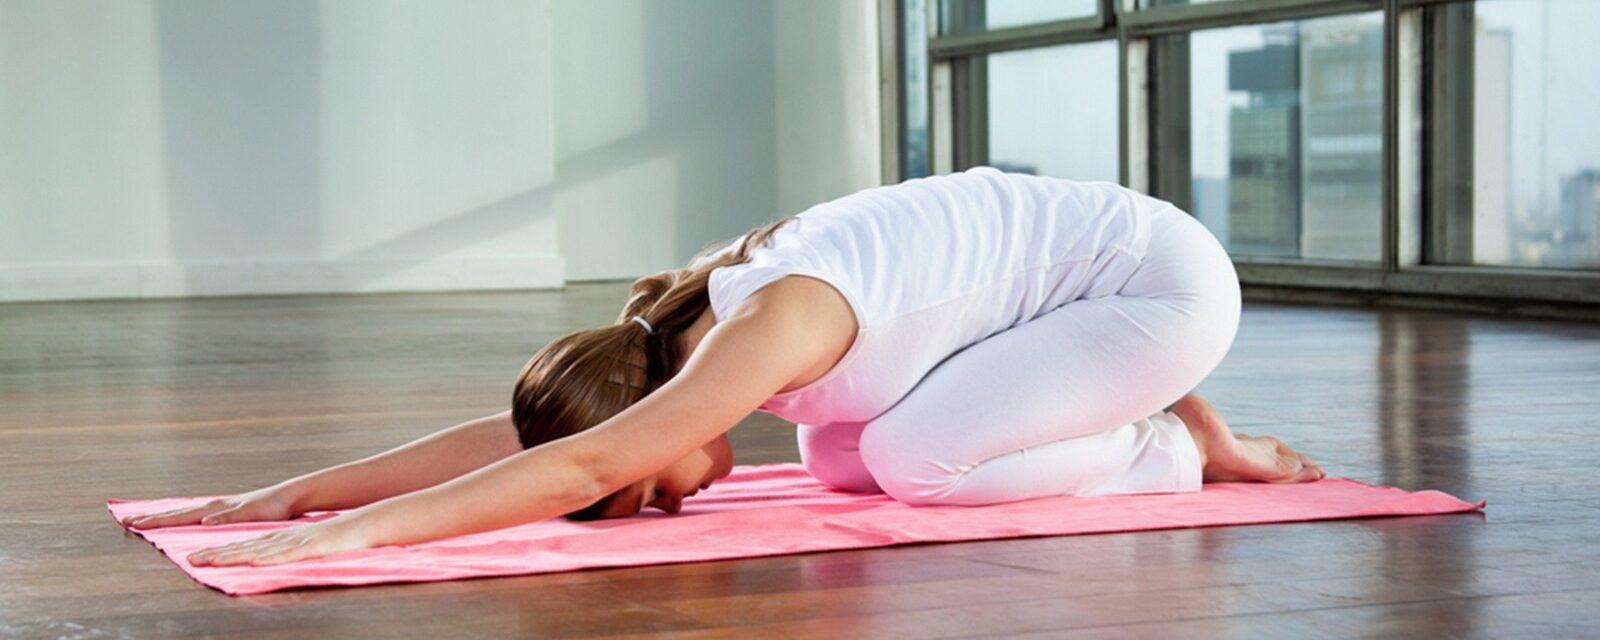 10 поз йоги для похудения